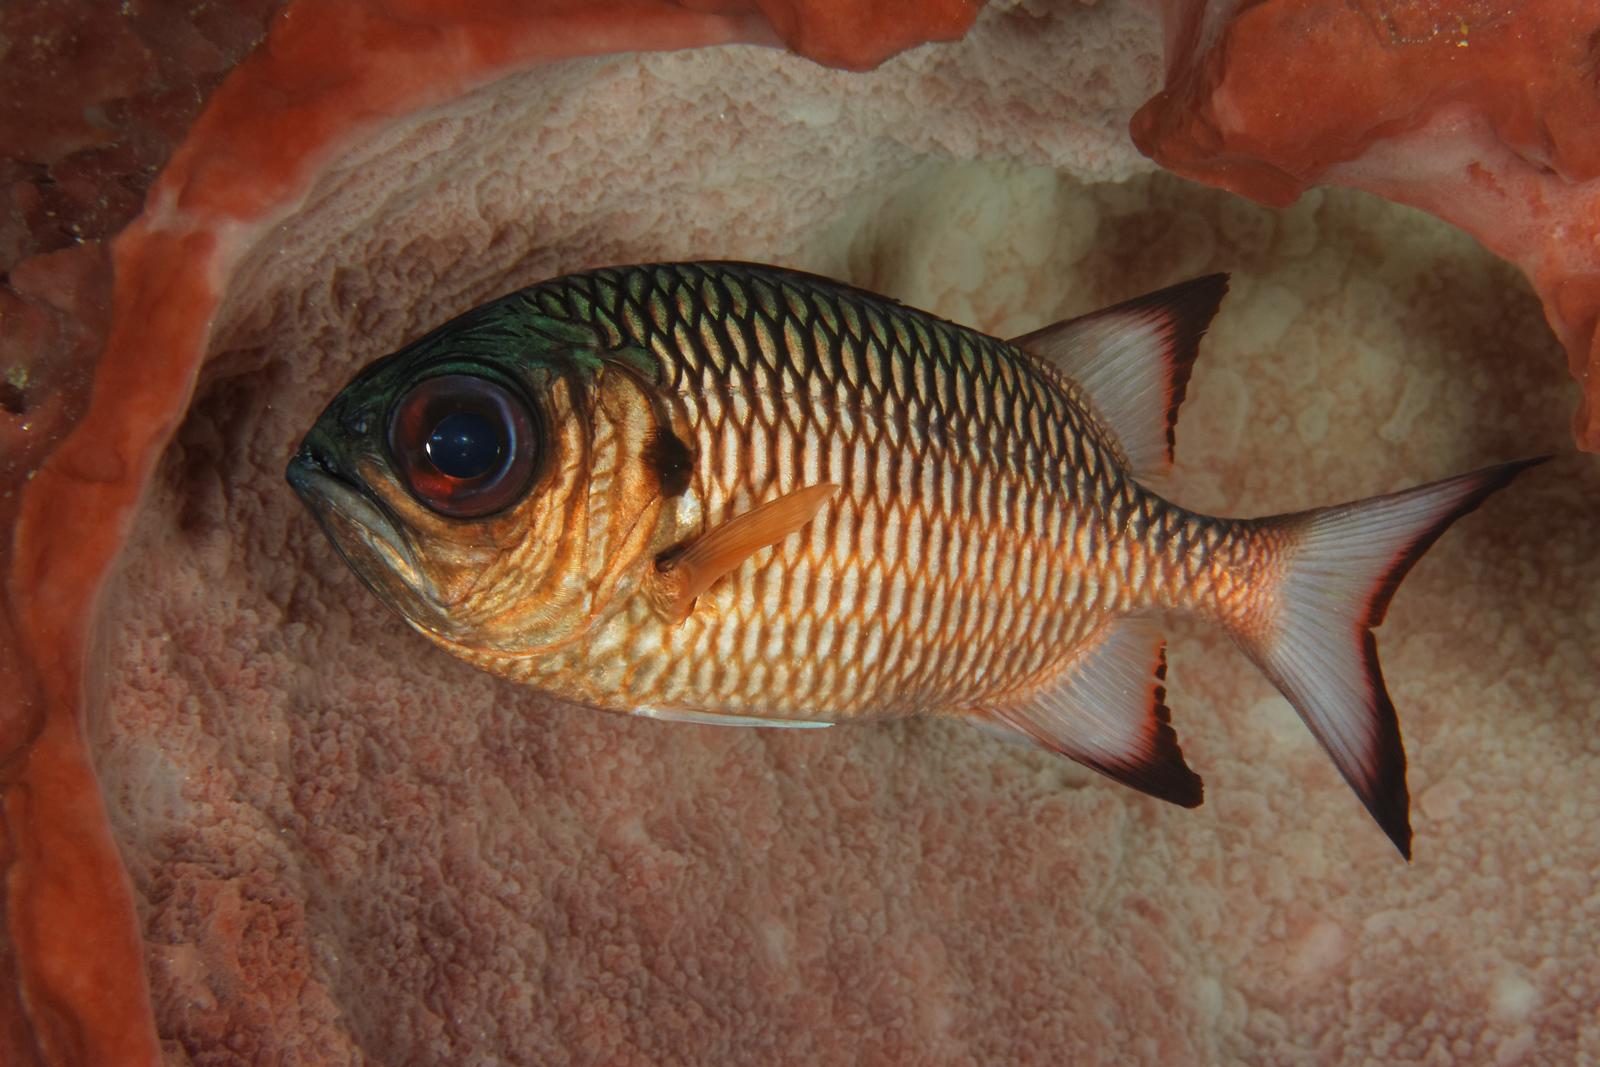 Myripristis adusta - Shadowfin soldier fish